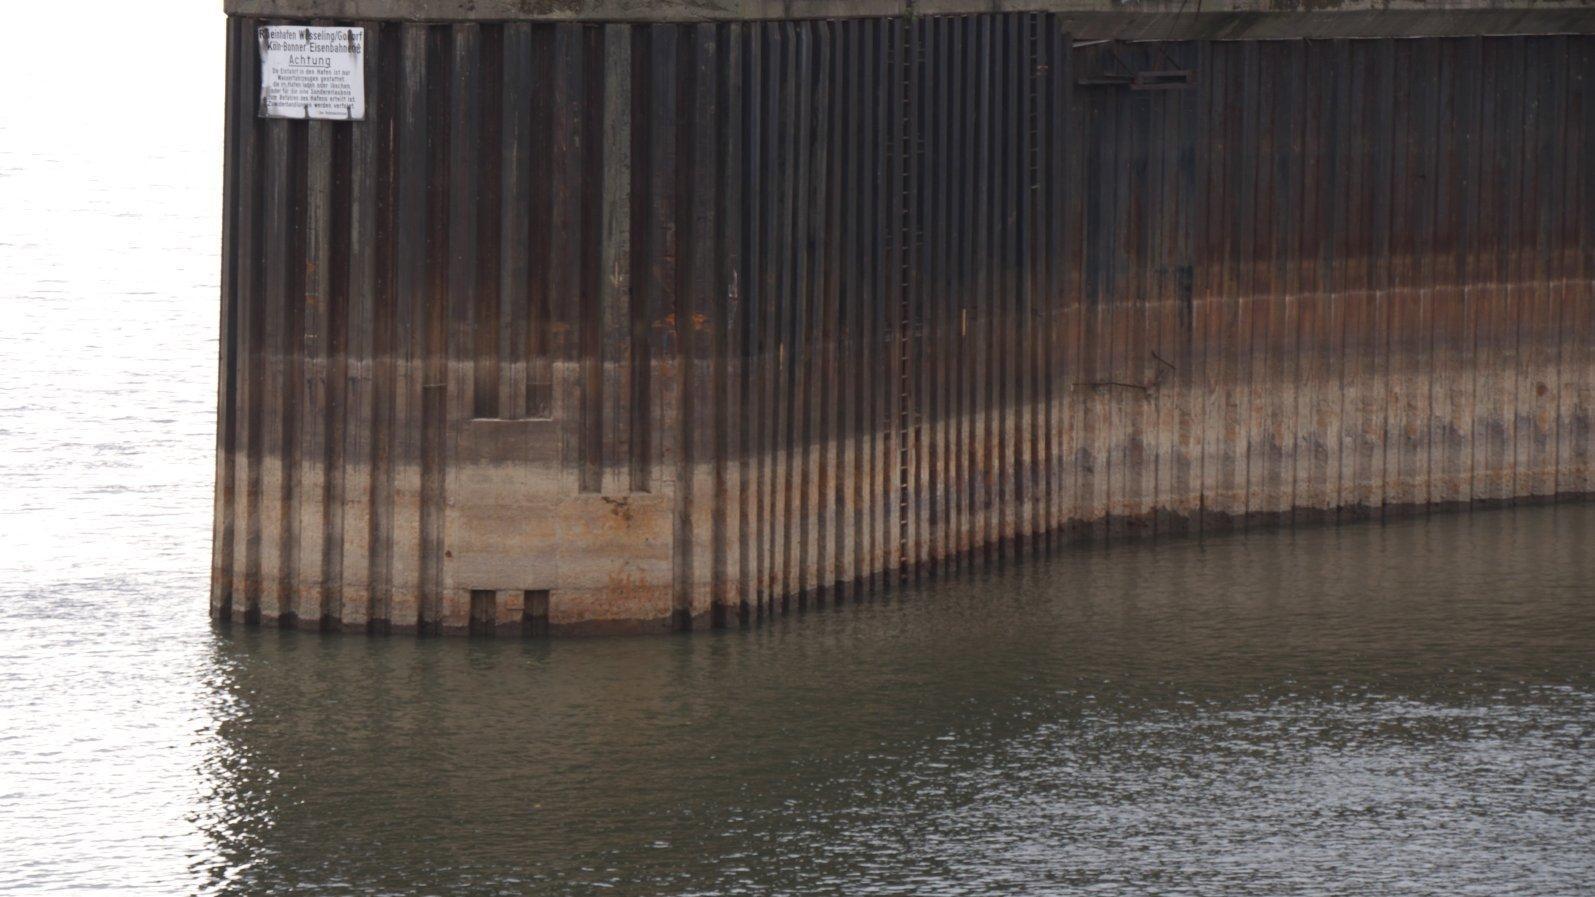 Braune Spundwand rechts von einem Fluss und links von einer Hafeneinfahrt mit Niedrigwasser.